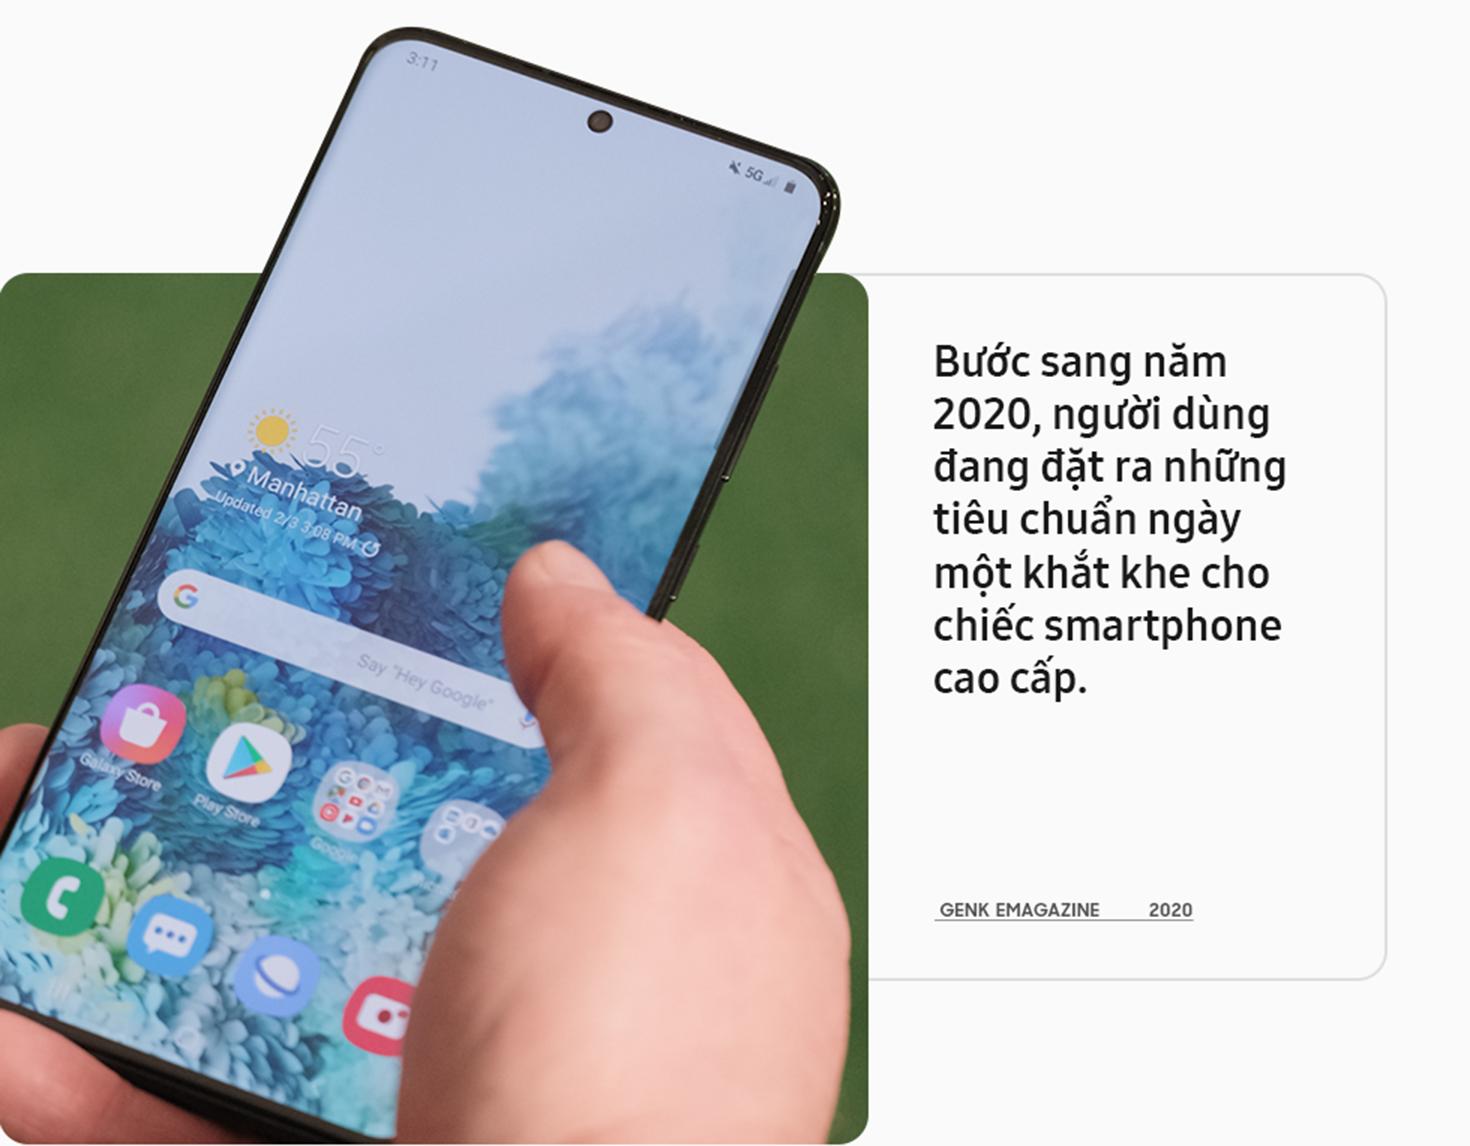 Sau 10 năm dẫn lối thành công, Galaxy S20 series sẽ đánh dấu kỷ nguyên mới của điện thoại - Ảnh 3.